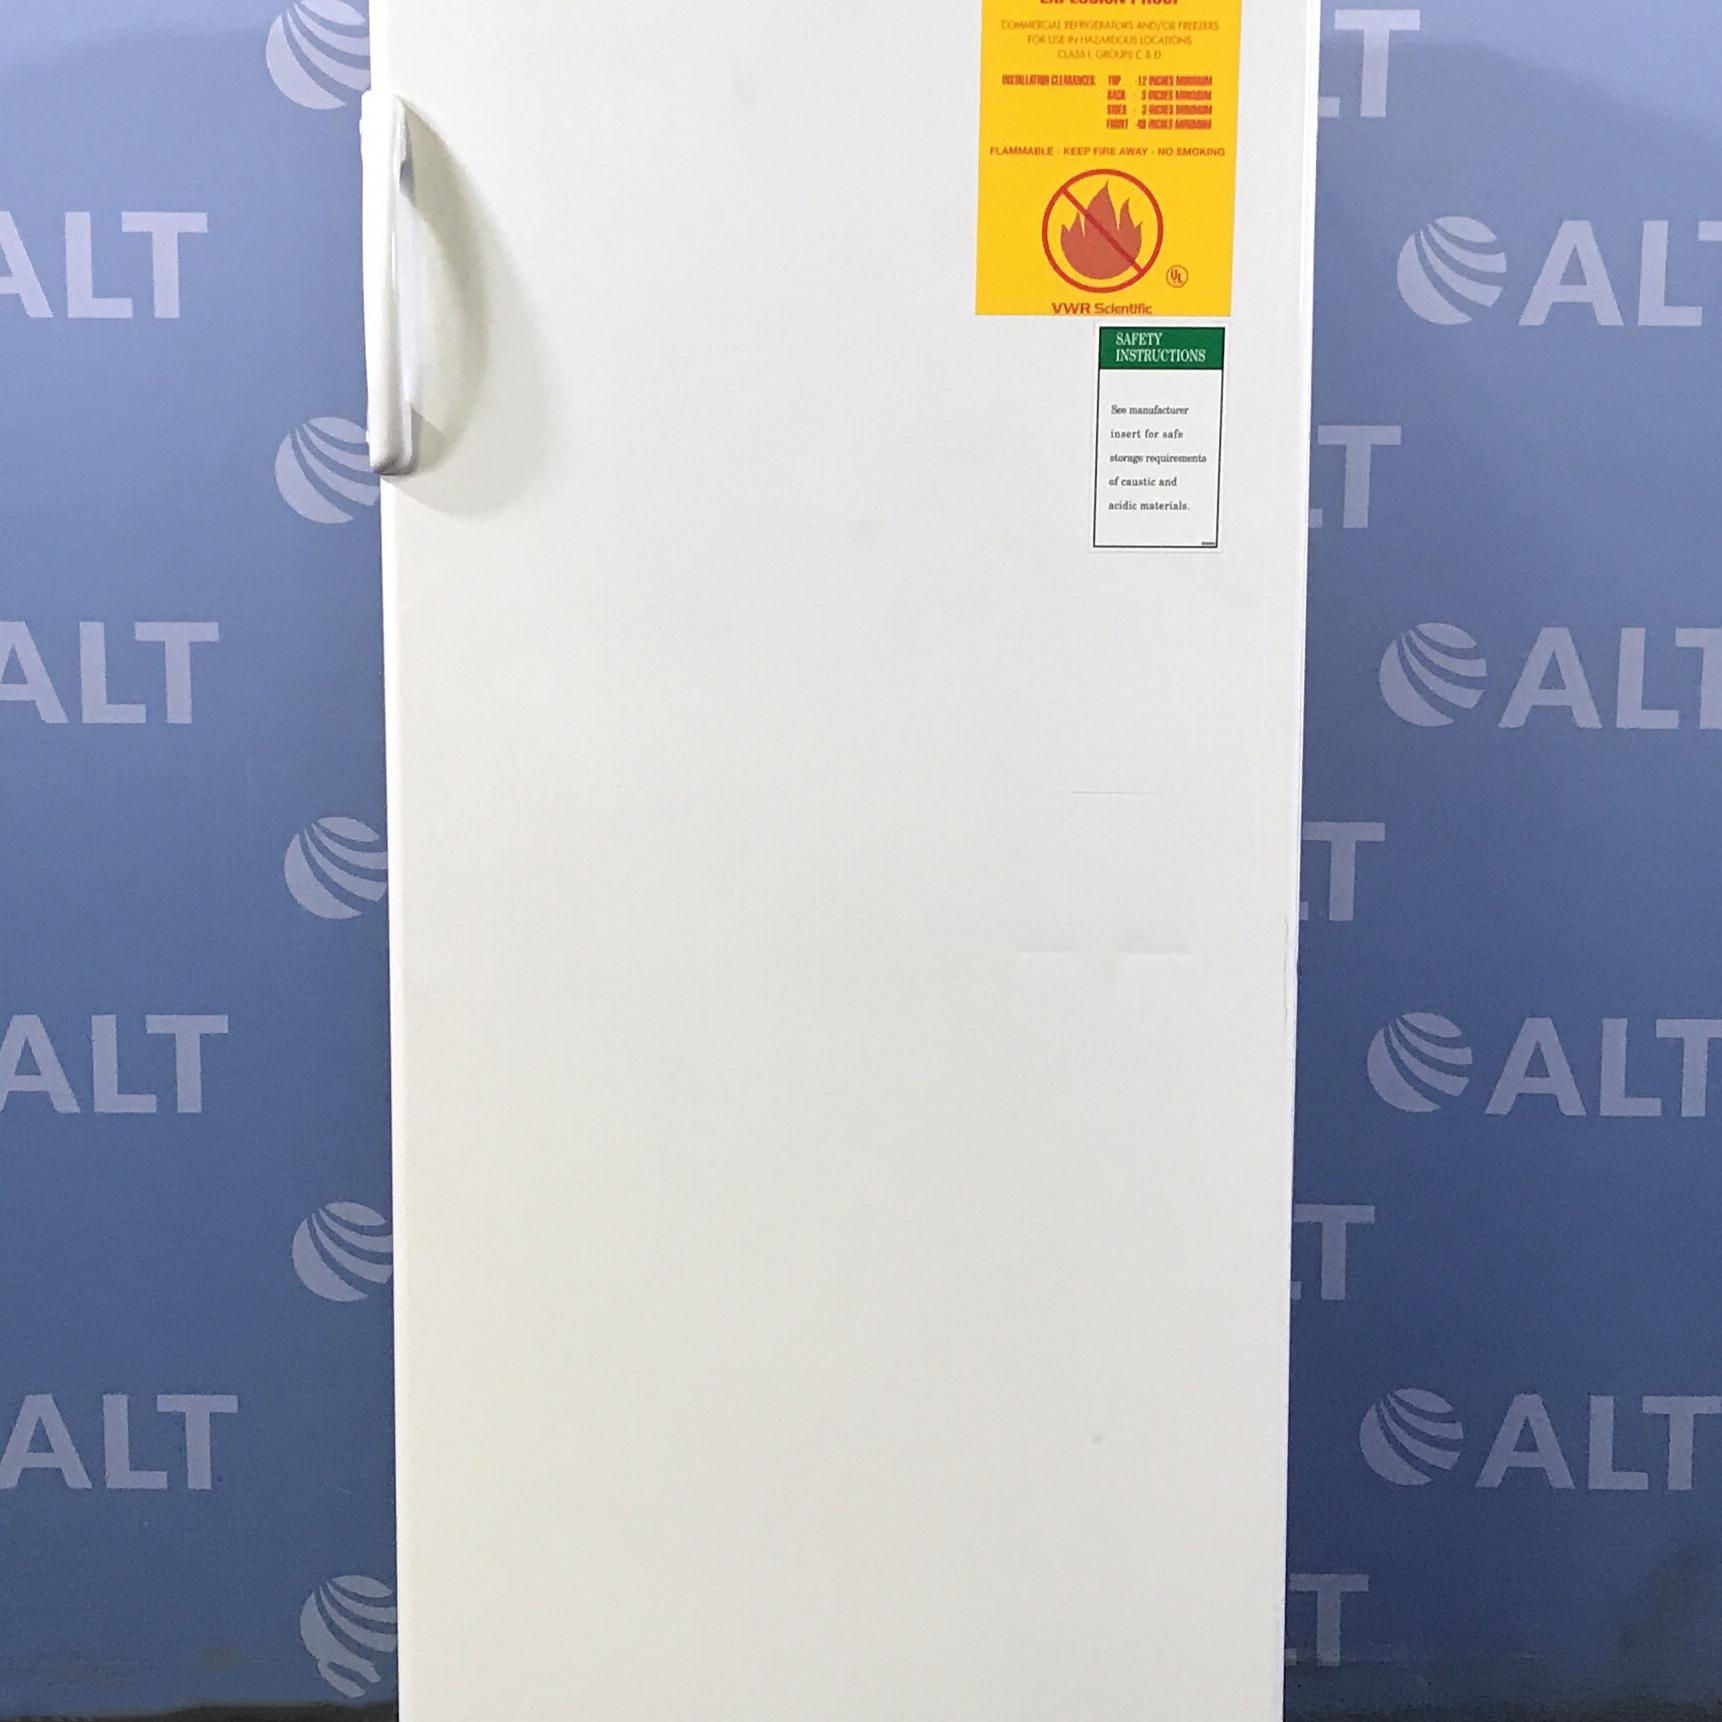 VWR Explosion Proof Refrigerator Model R414XA15 Image